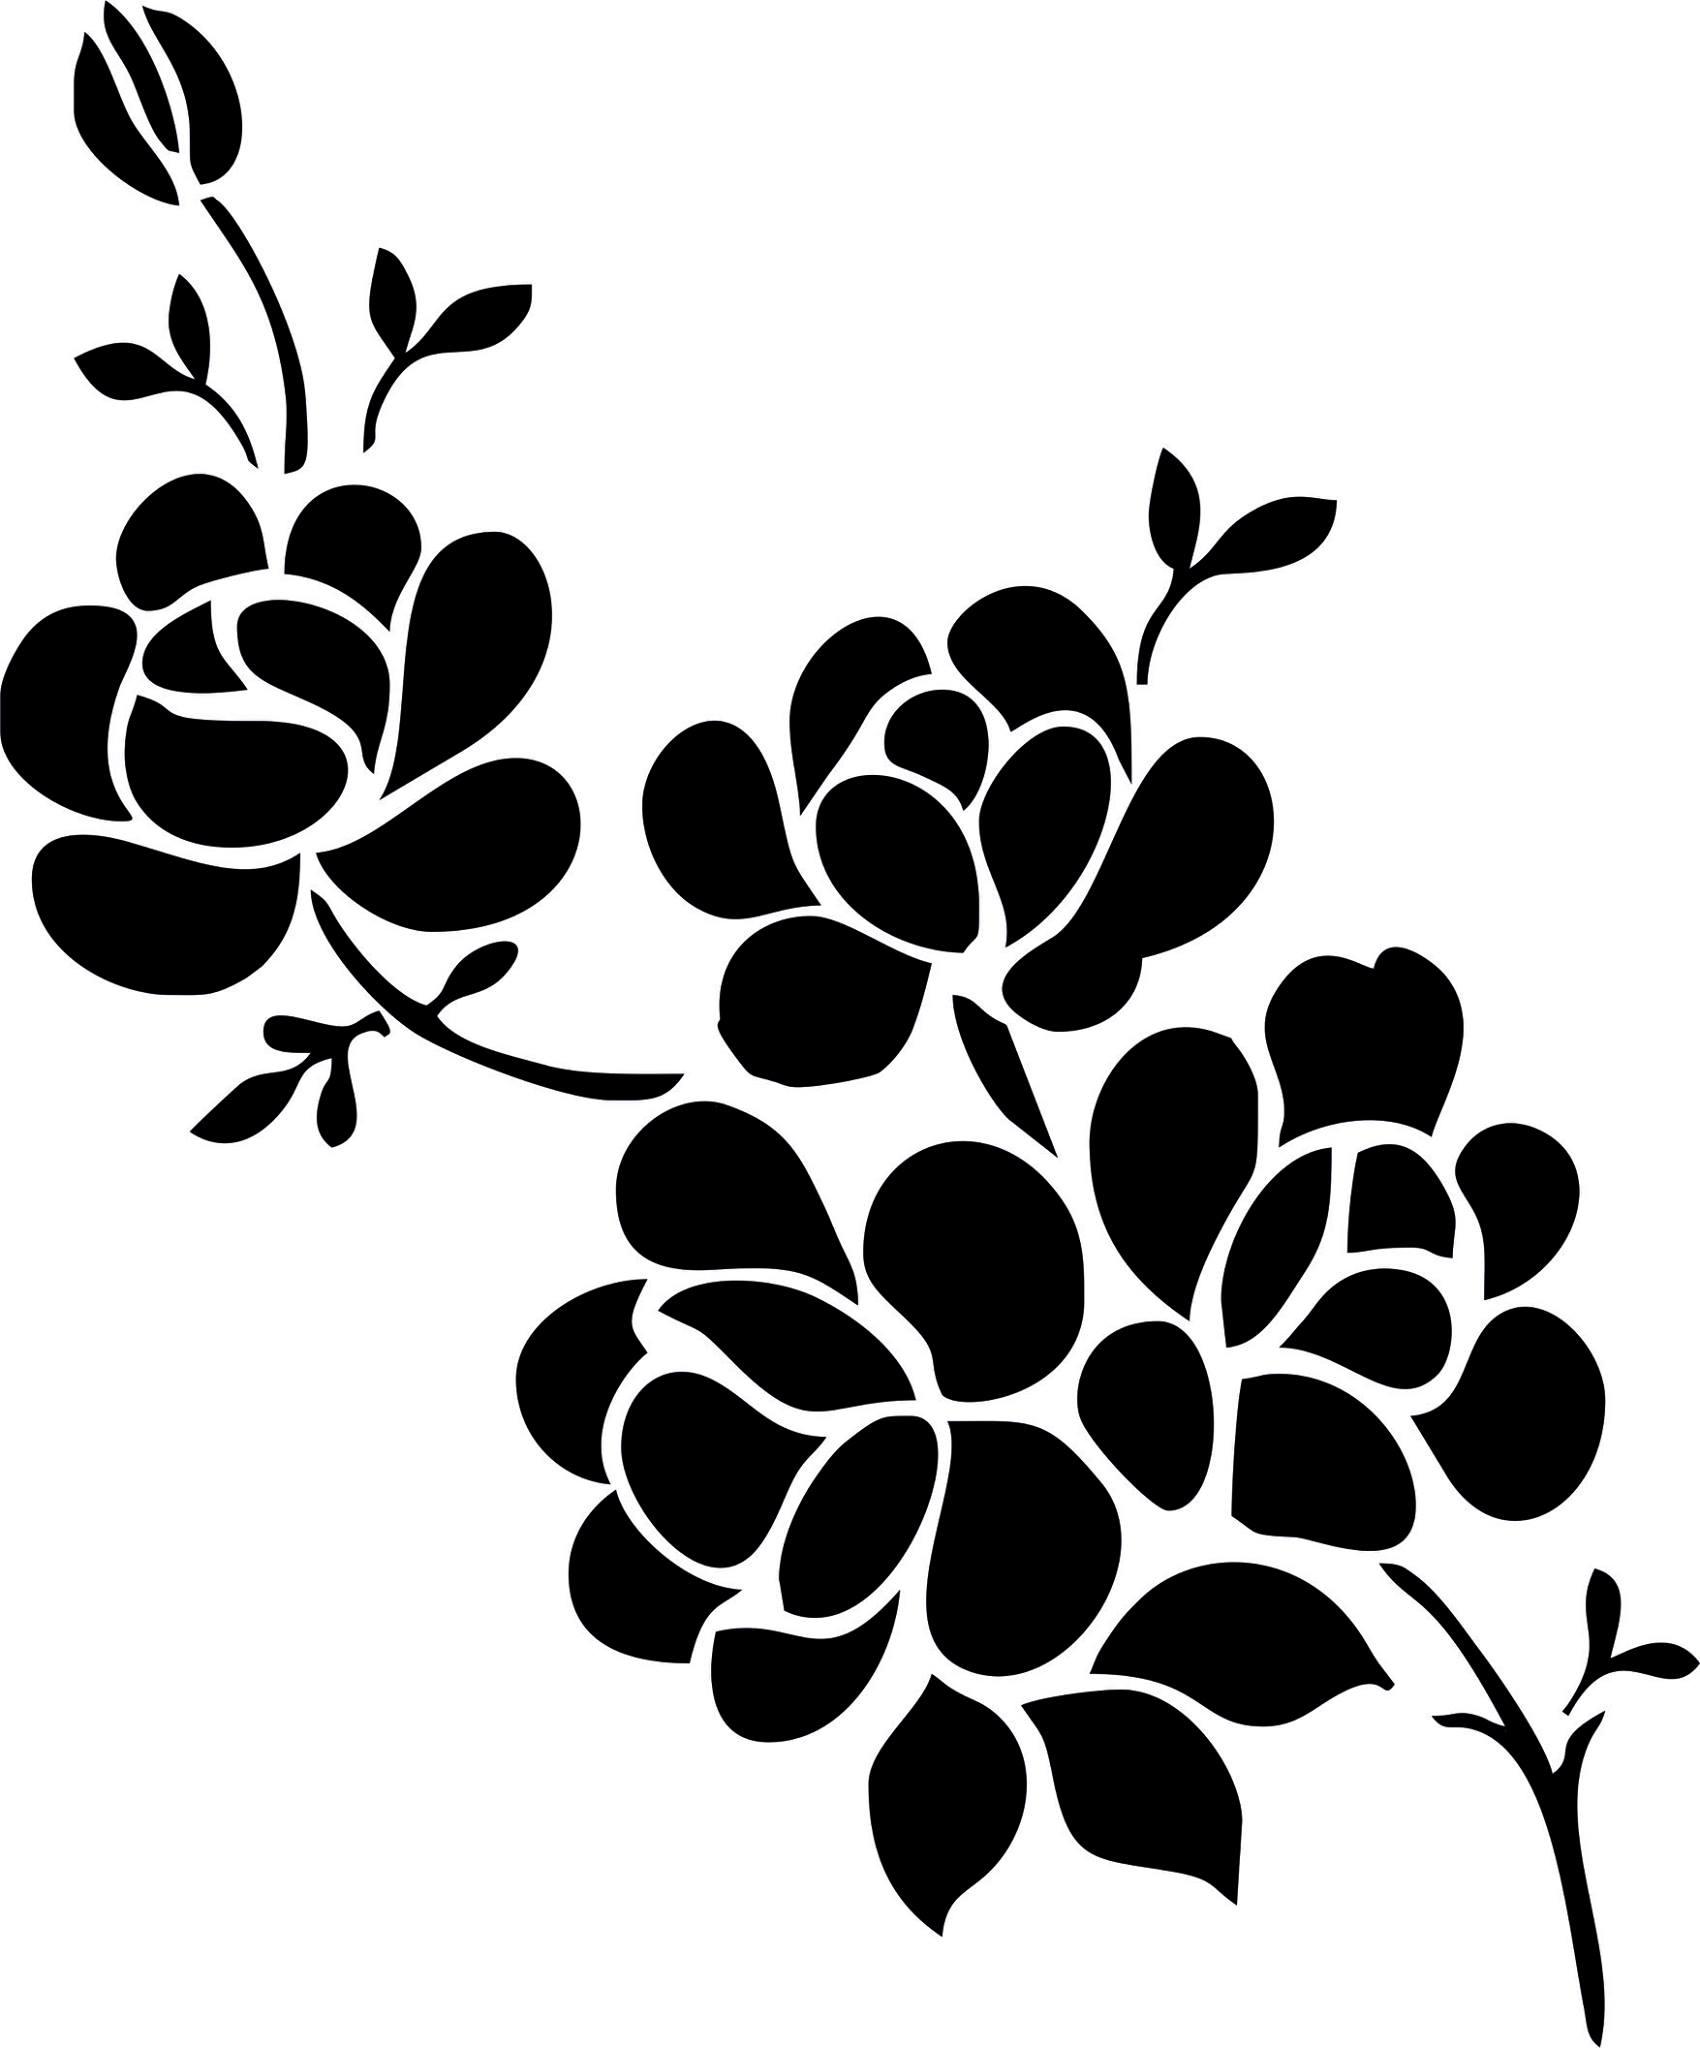 Elegant Black And White Flower Vector Art jpg Image